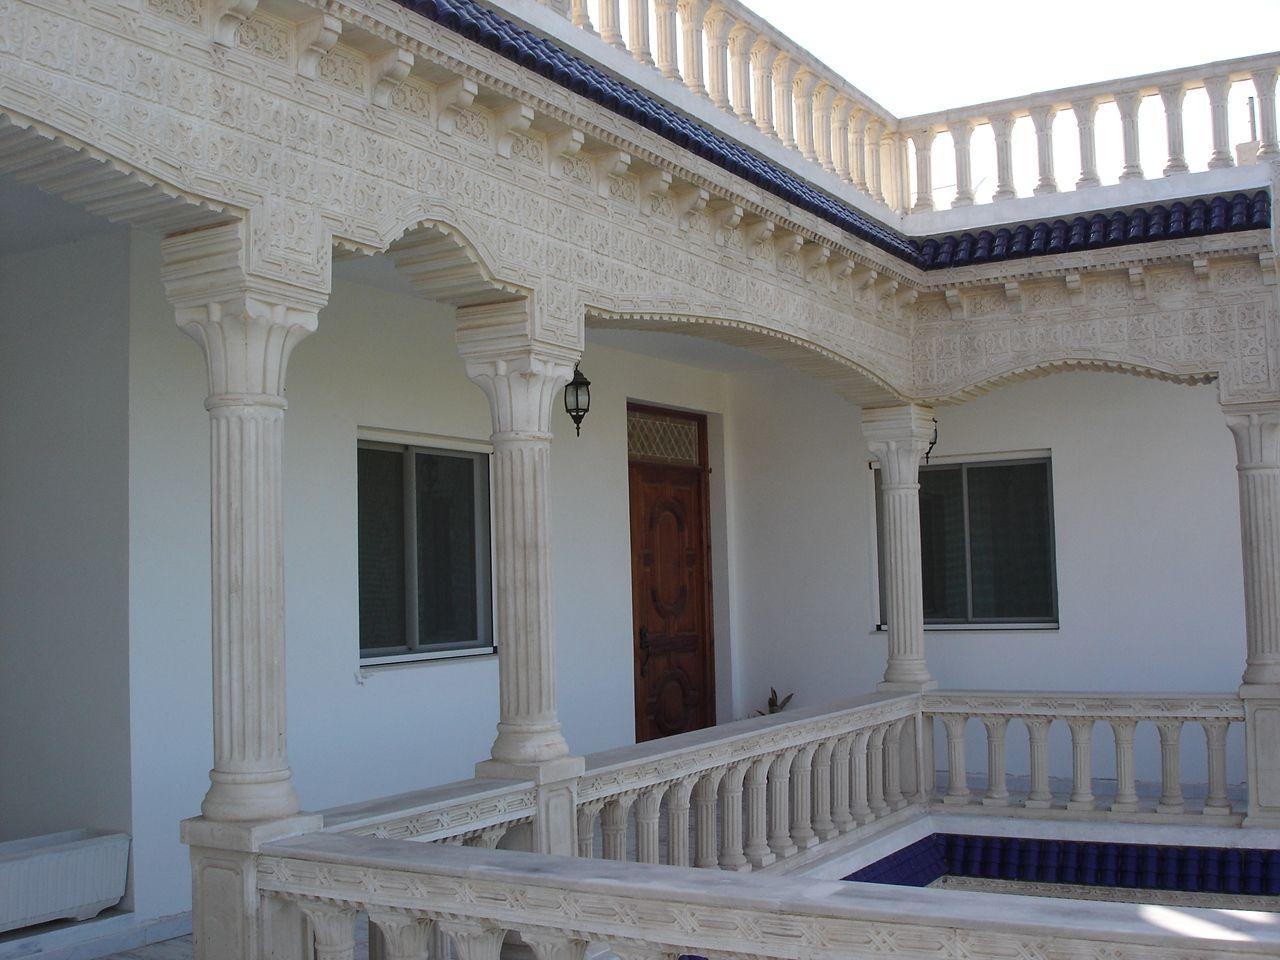 Maison a diar ben salem beni khiar vente maison diar for Acheter une maison en algerie